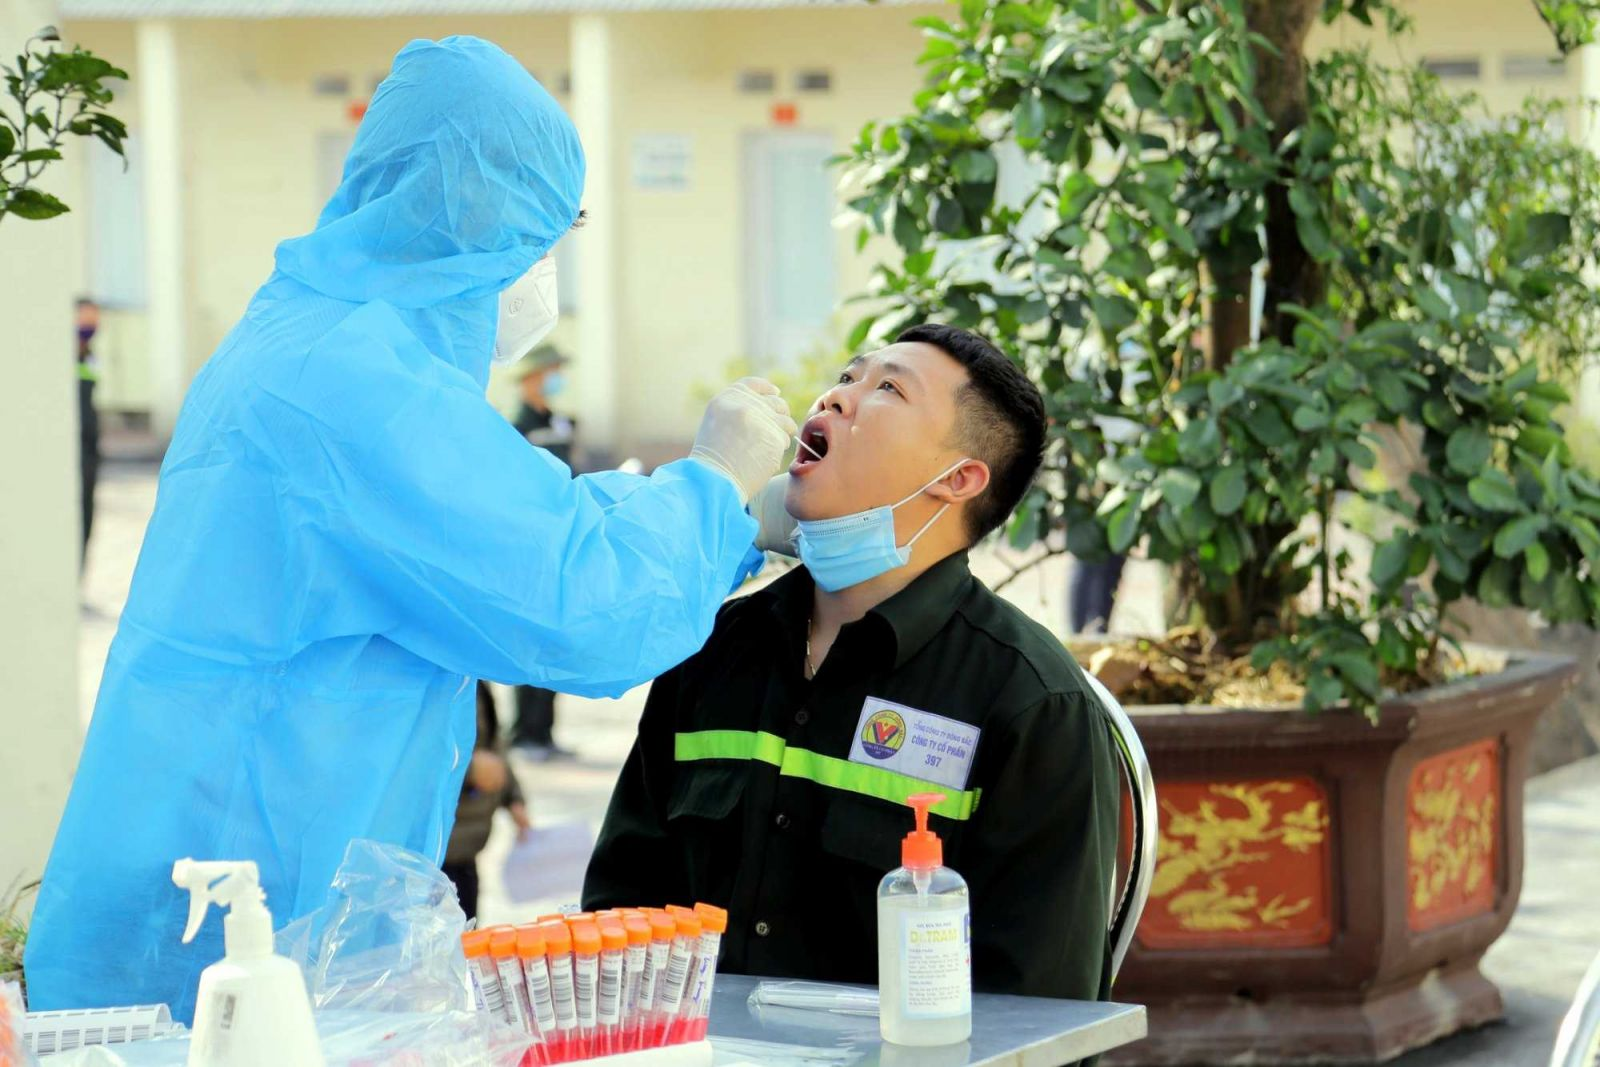 Quảng Ninh: Hơn 13.800 thí sinh dự thi vào lớp 10 được lấy mẫu xét nghiệm Covid-19